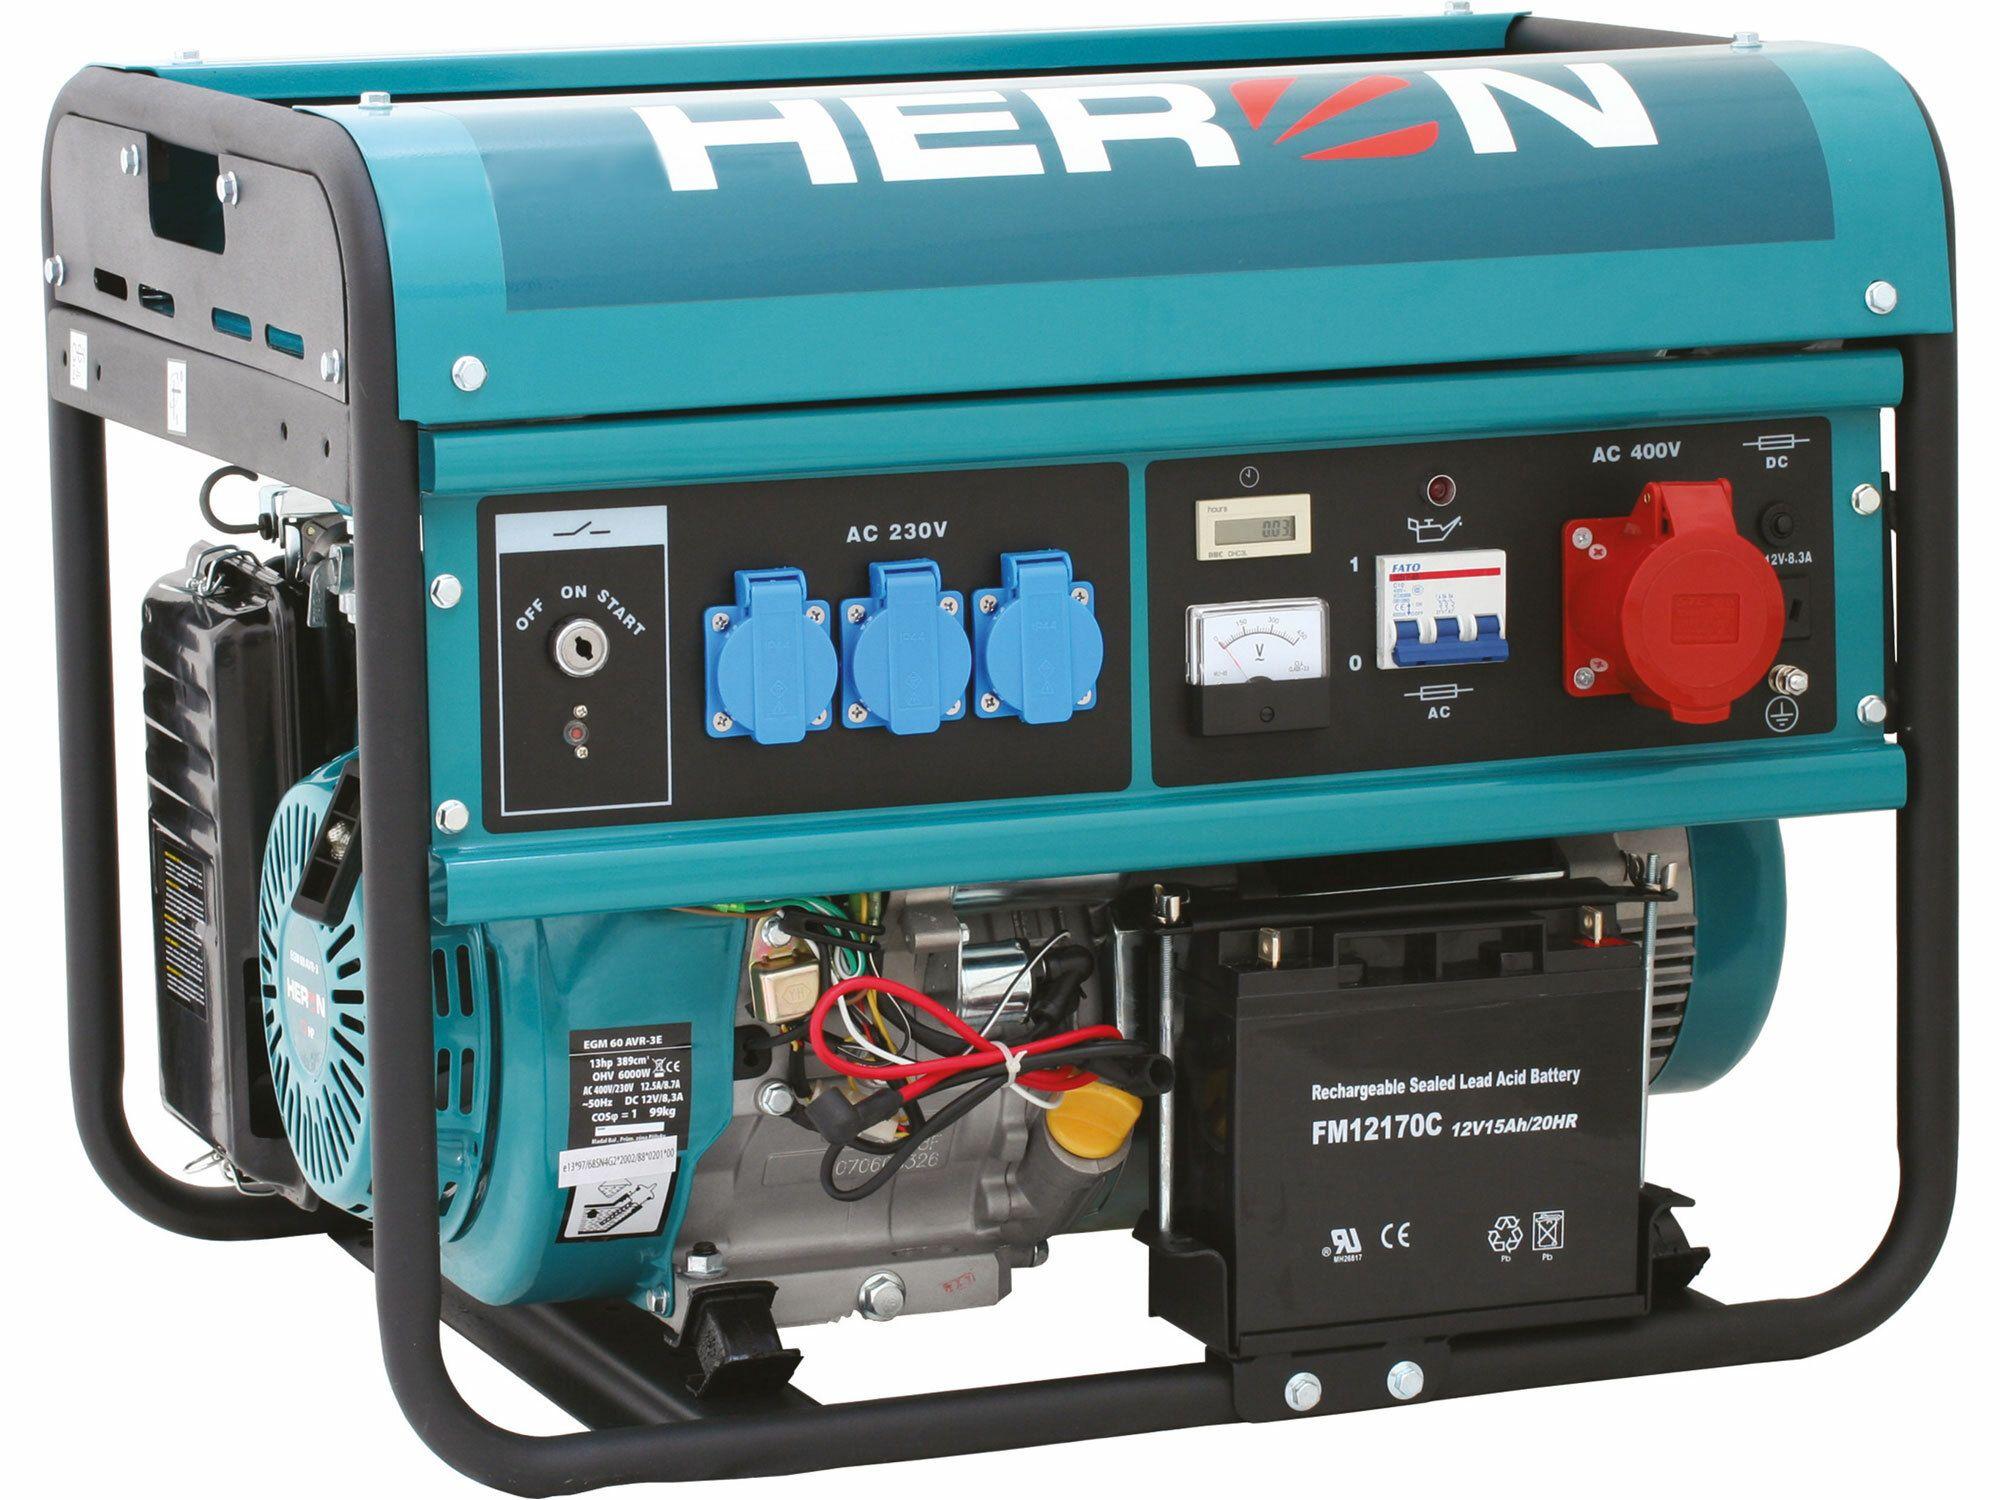 Elektrocentrála benzínová 13HP, elektr. start, 6,0kW (400V)/2,2kW (230V), záruka 3 roky HERON